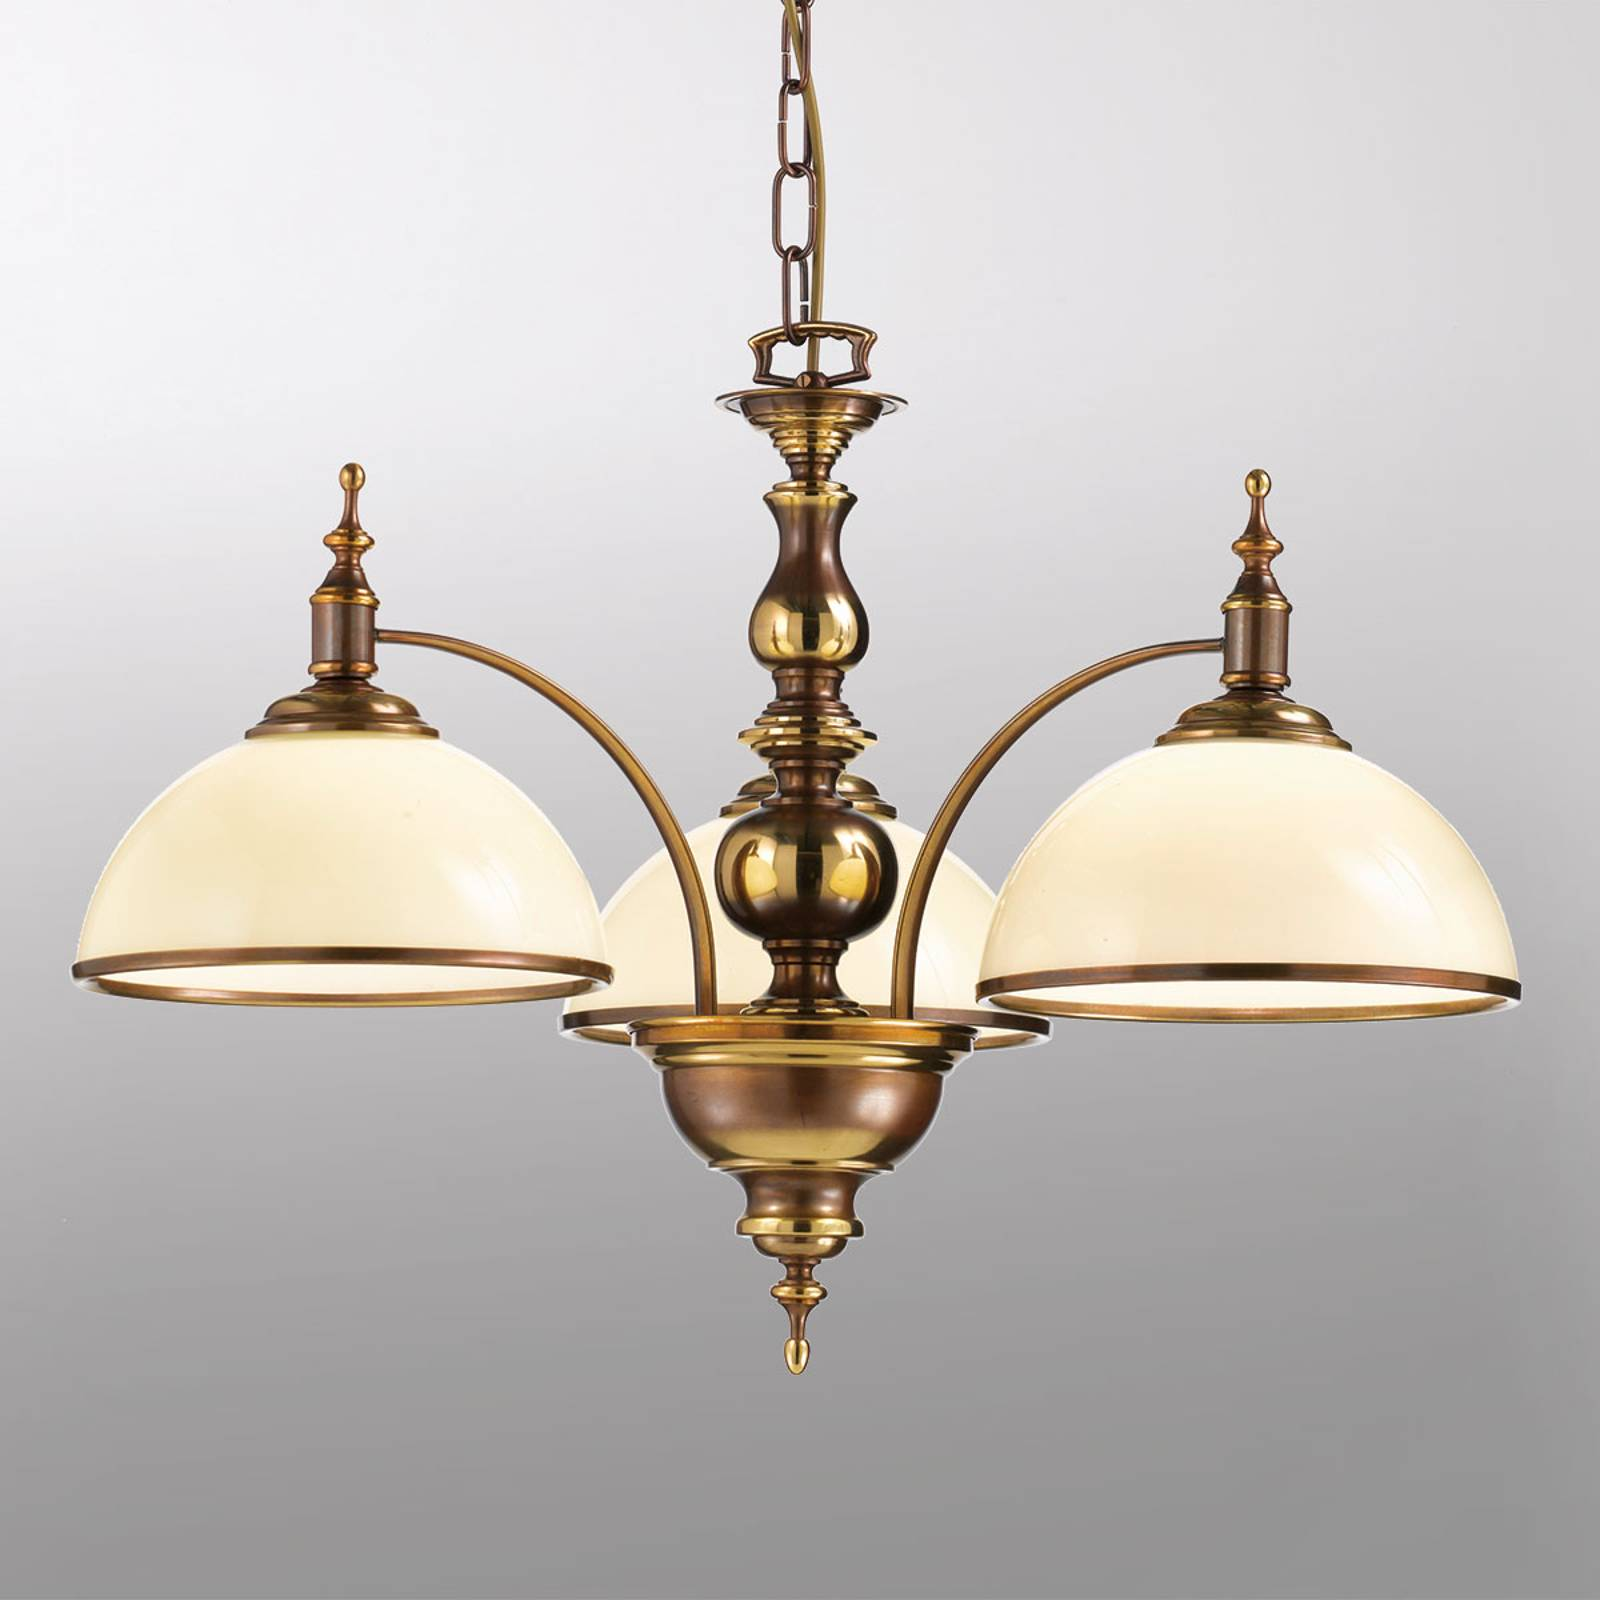 Antiikkityylinen riippuvalo Corola, 3-lamppuinen